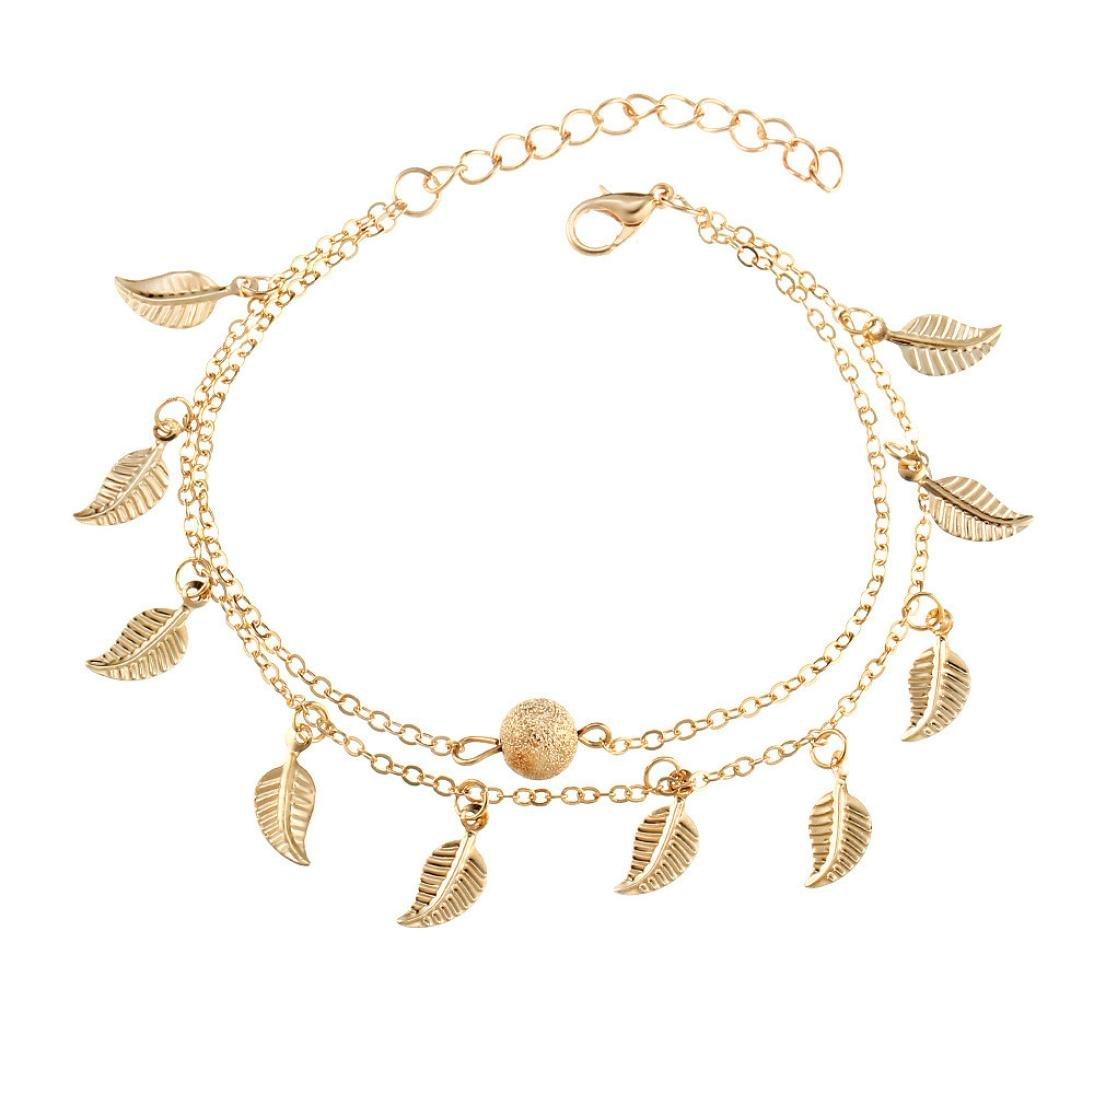 Paolian Femme Bracelets de cheville Multi-couche Chaîne Bracelet de Pied Feuille d'or Pendentif Créatif Accessoires Alliage) 123 SB-111